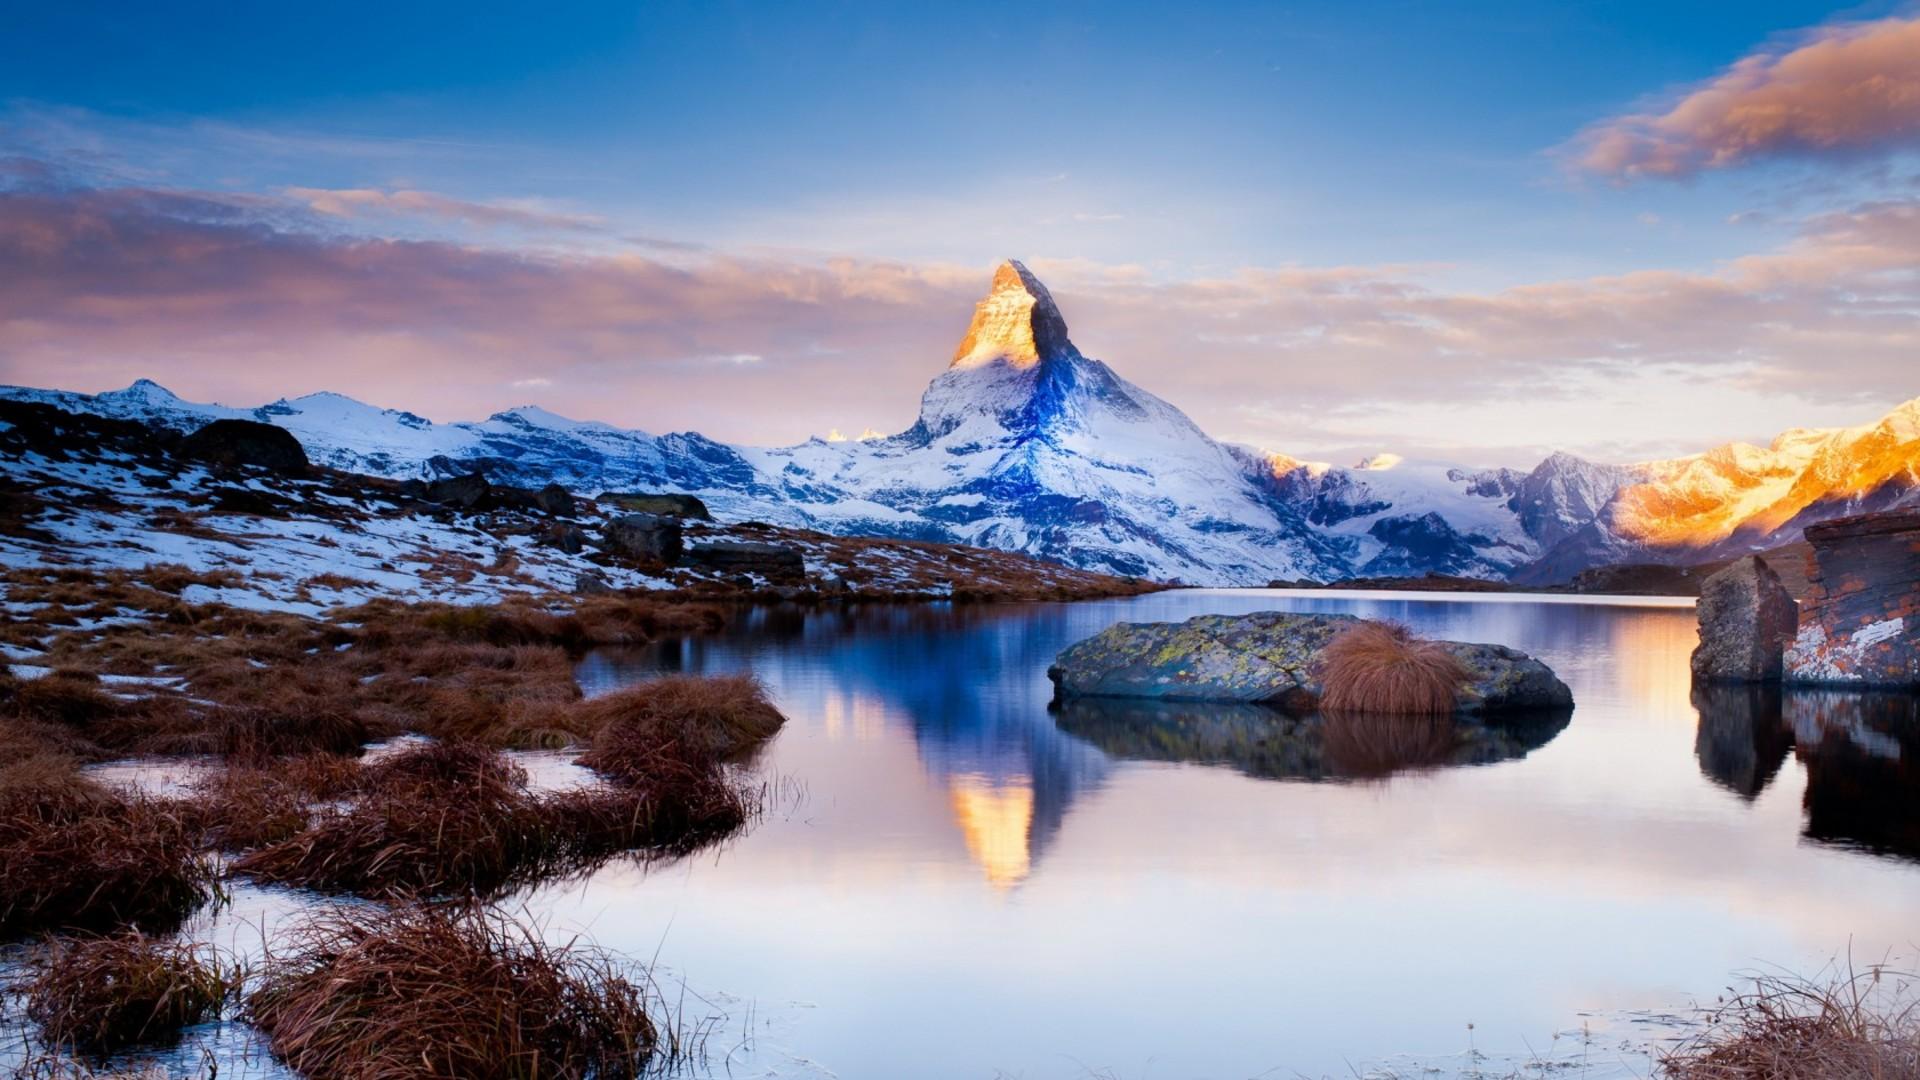 [34+] Matterhorn HD Wallpaper On WallpaperSafari